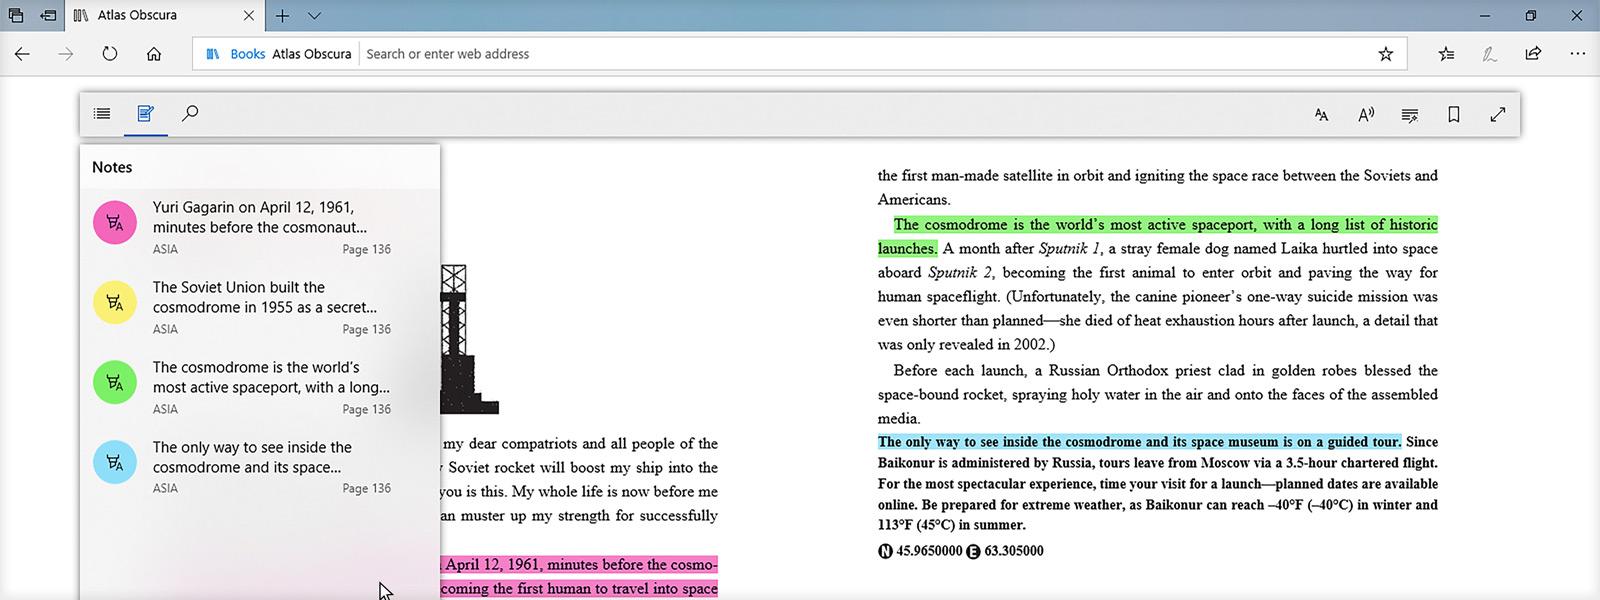 Attēls, kurā redzama teksta iezīmēšanas iespēja, lasot grāmatas pārlūkprogrammā Microsoft Edge